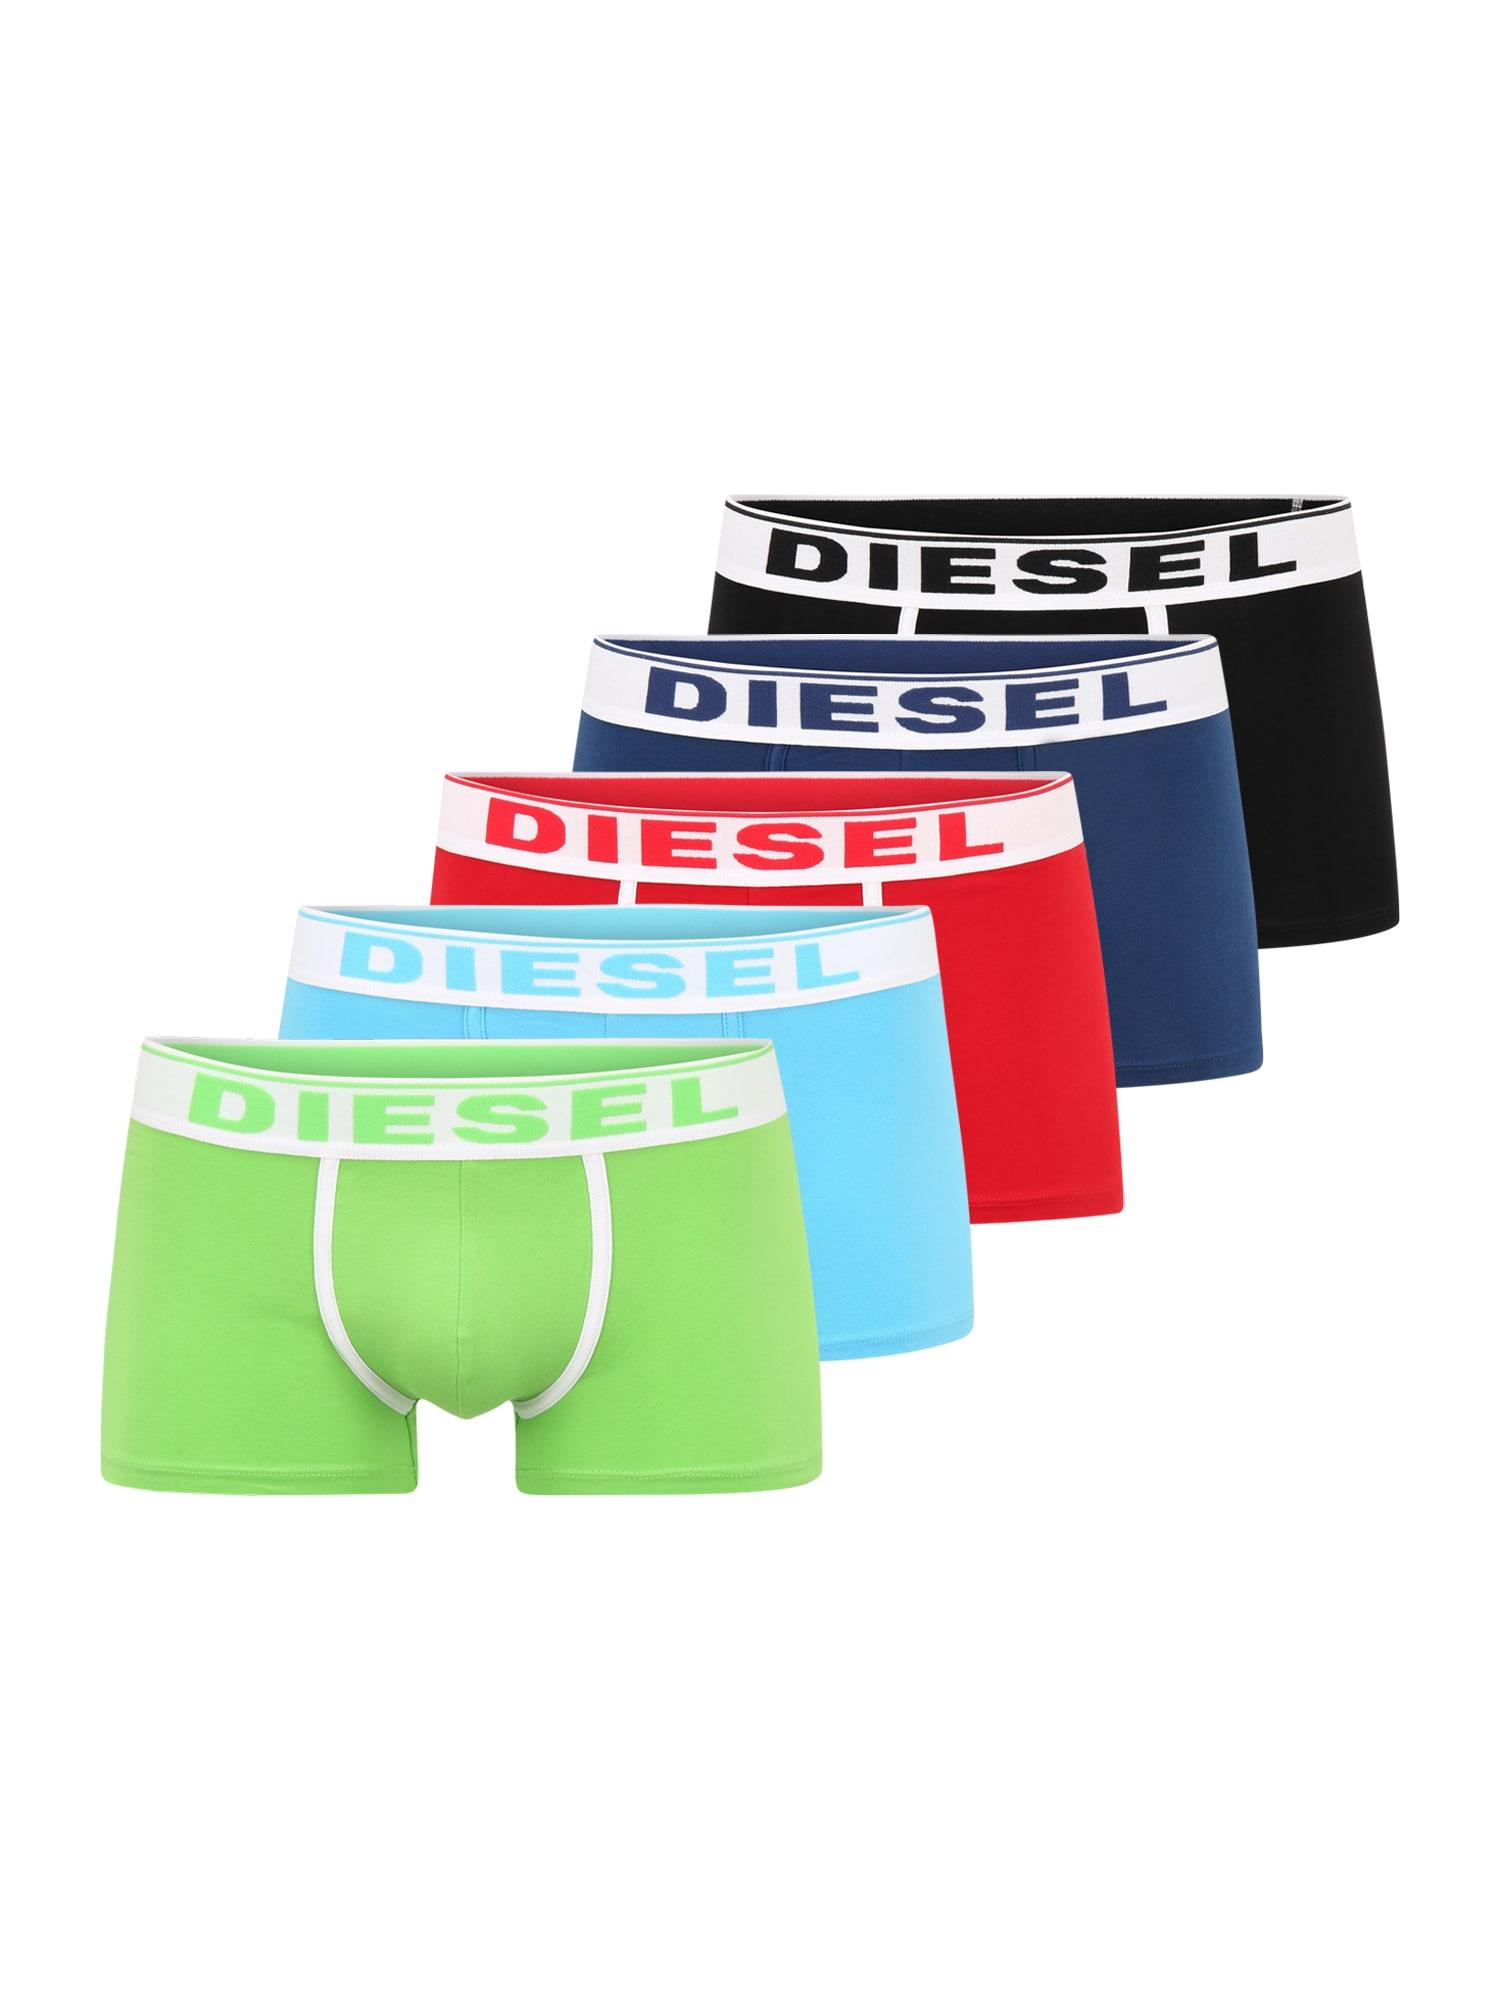 DIESEL Boxer trumpikės šviesiai žalia / šviesiai mėlyna / raudona / tamsiai mėlyna / juoda